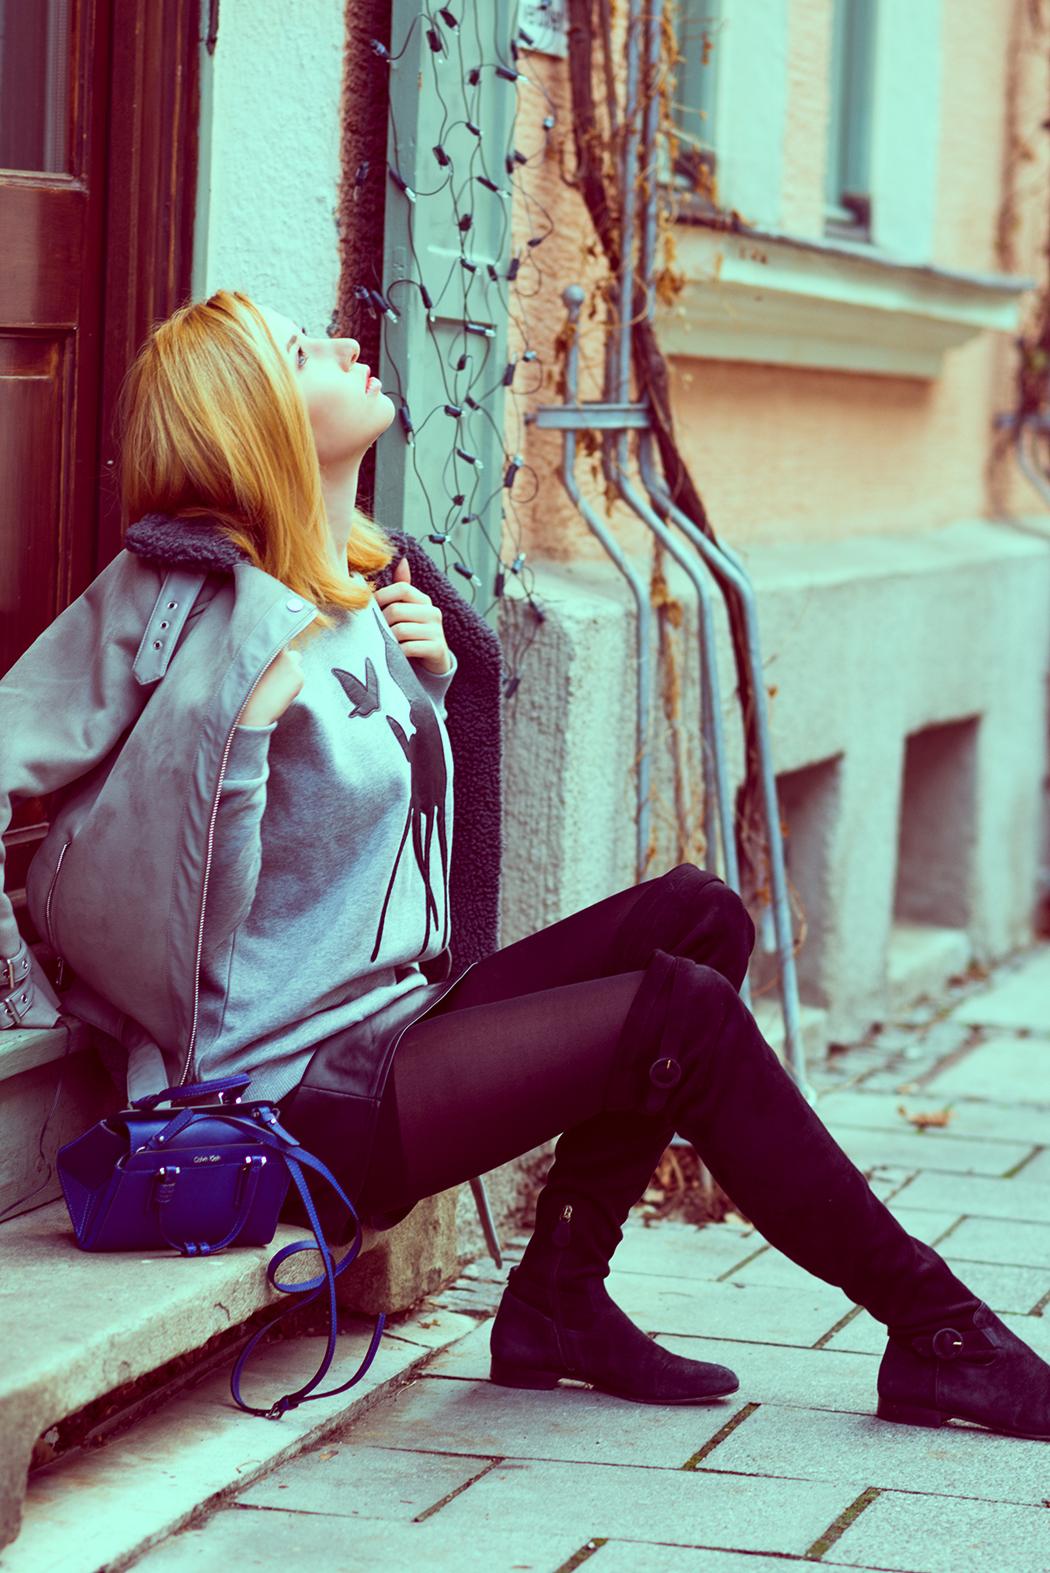 Fashionblog-Fashionblogger-Fashion-Blog-Blogger-Muenchen-Deutschland-Lindarella-2